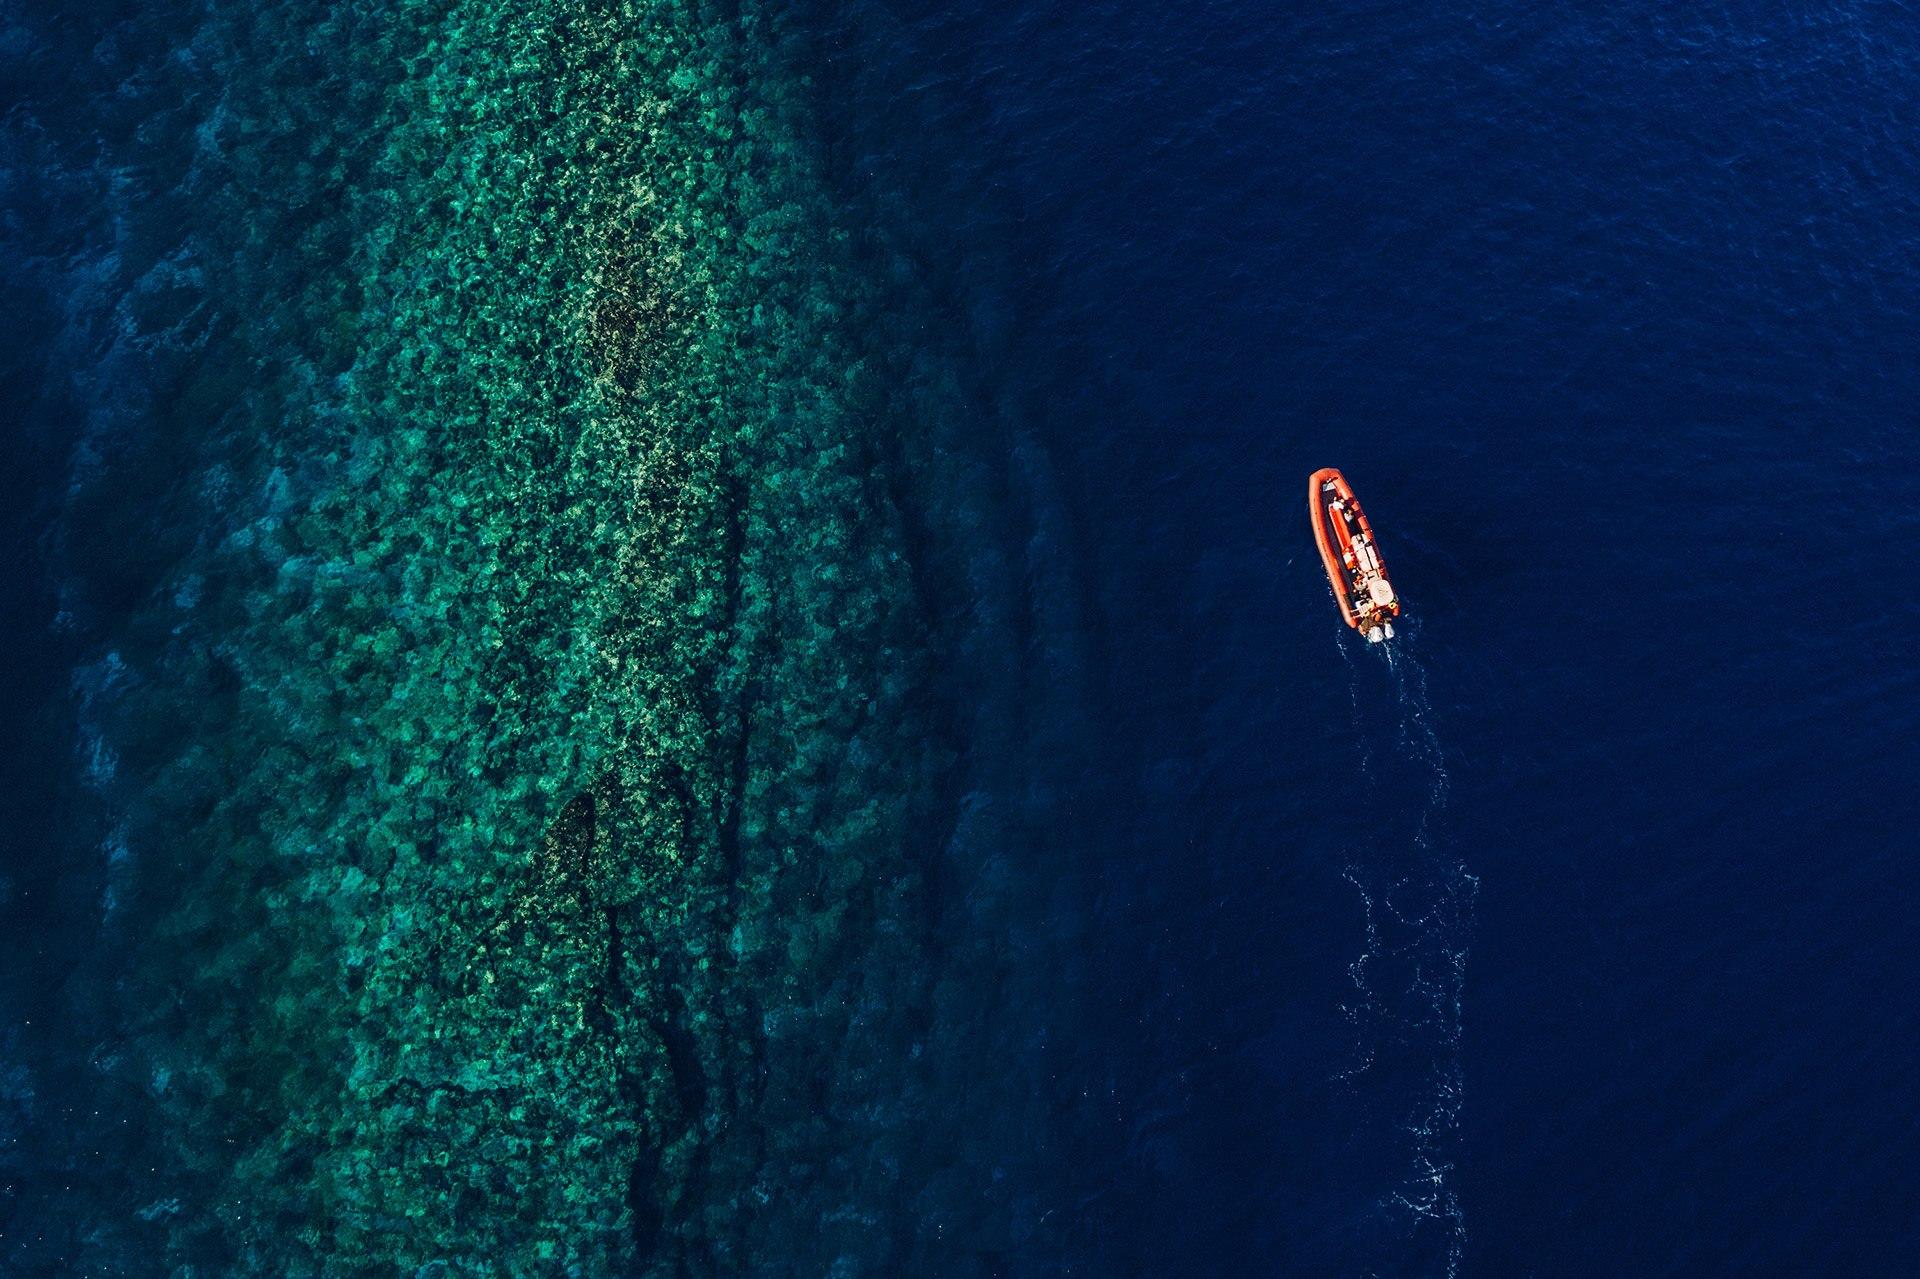 Redline Boat on The Ocean Pic